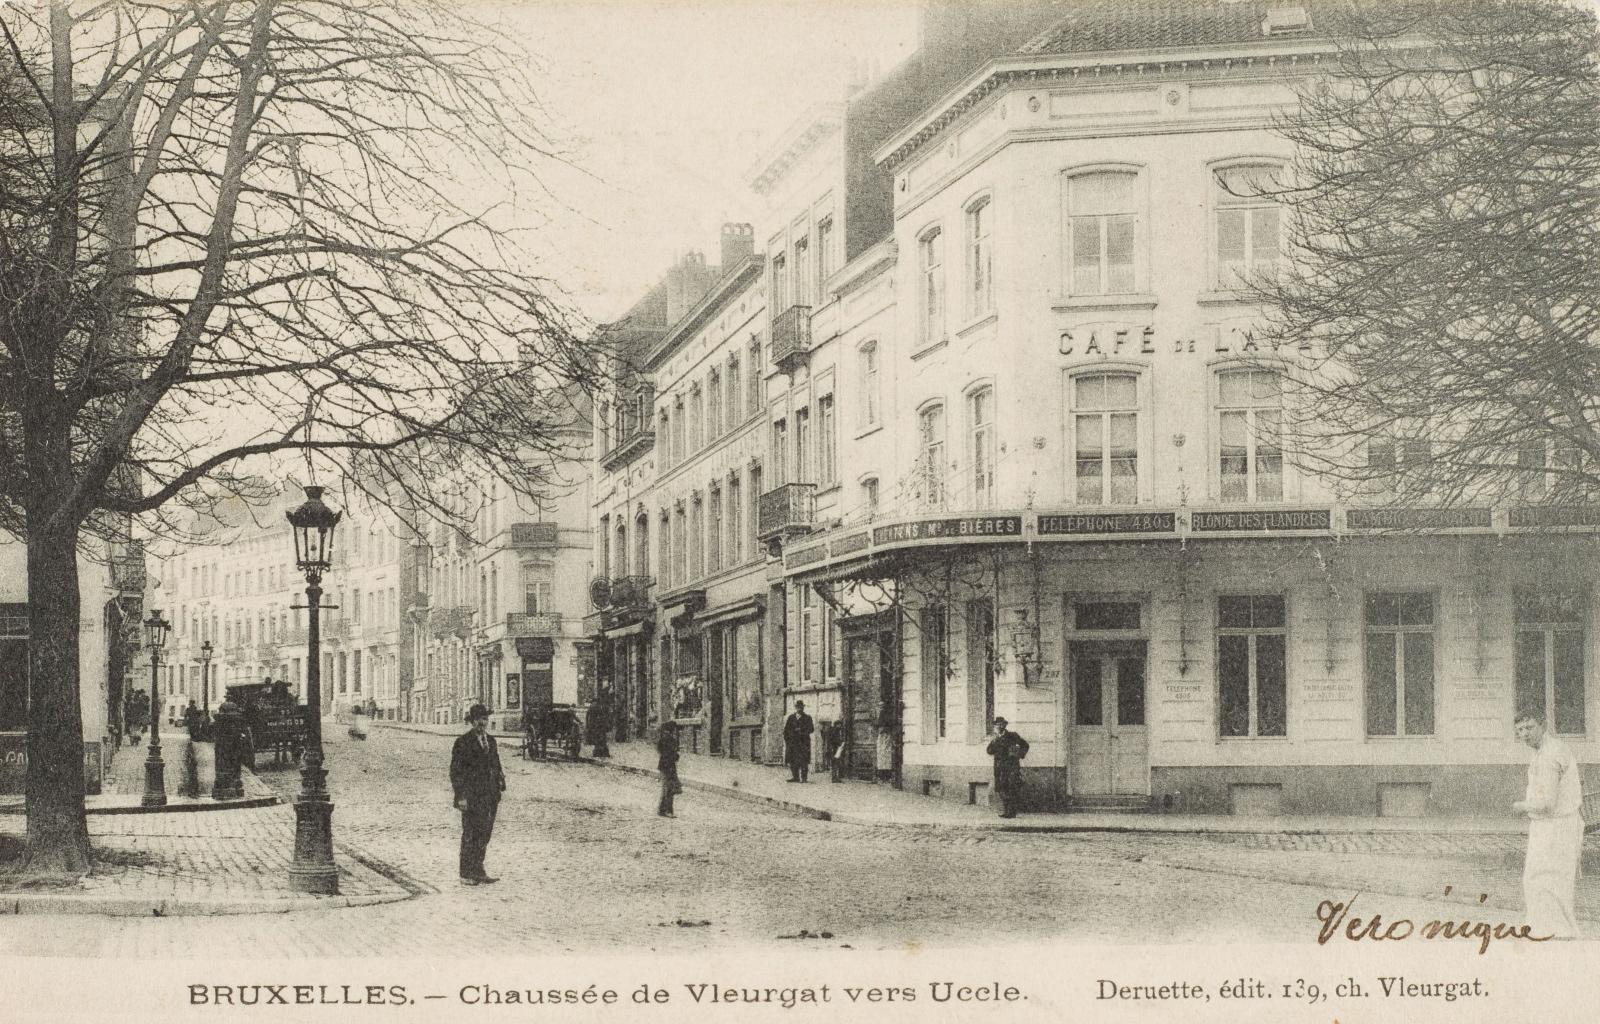 Chaussée de Vleurgat vers Uccle, s.d. (Collection de Dexia Banque).